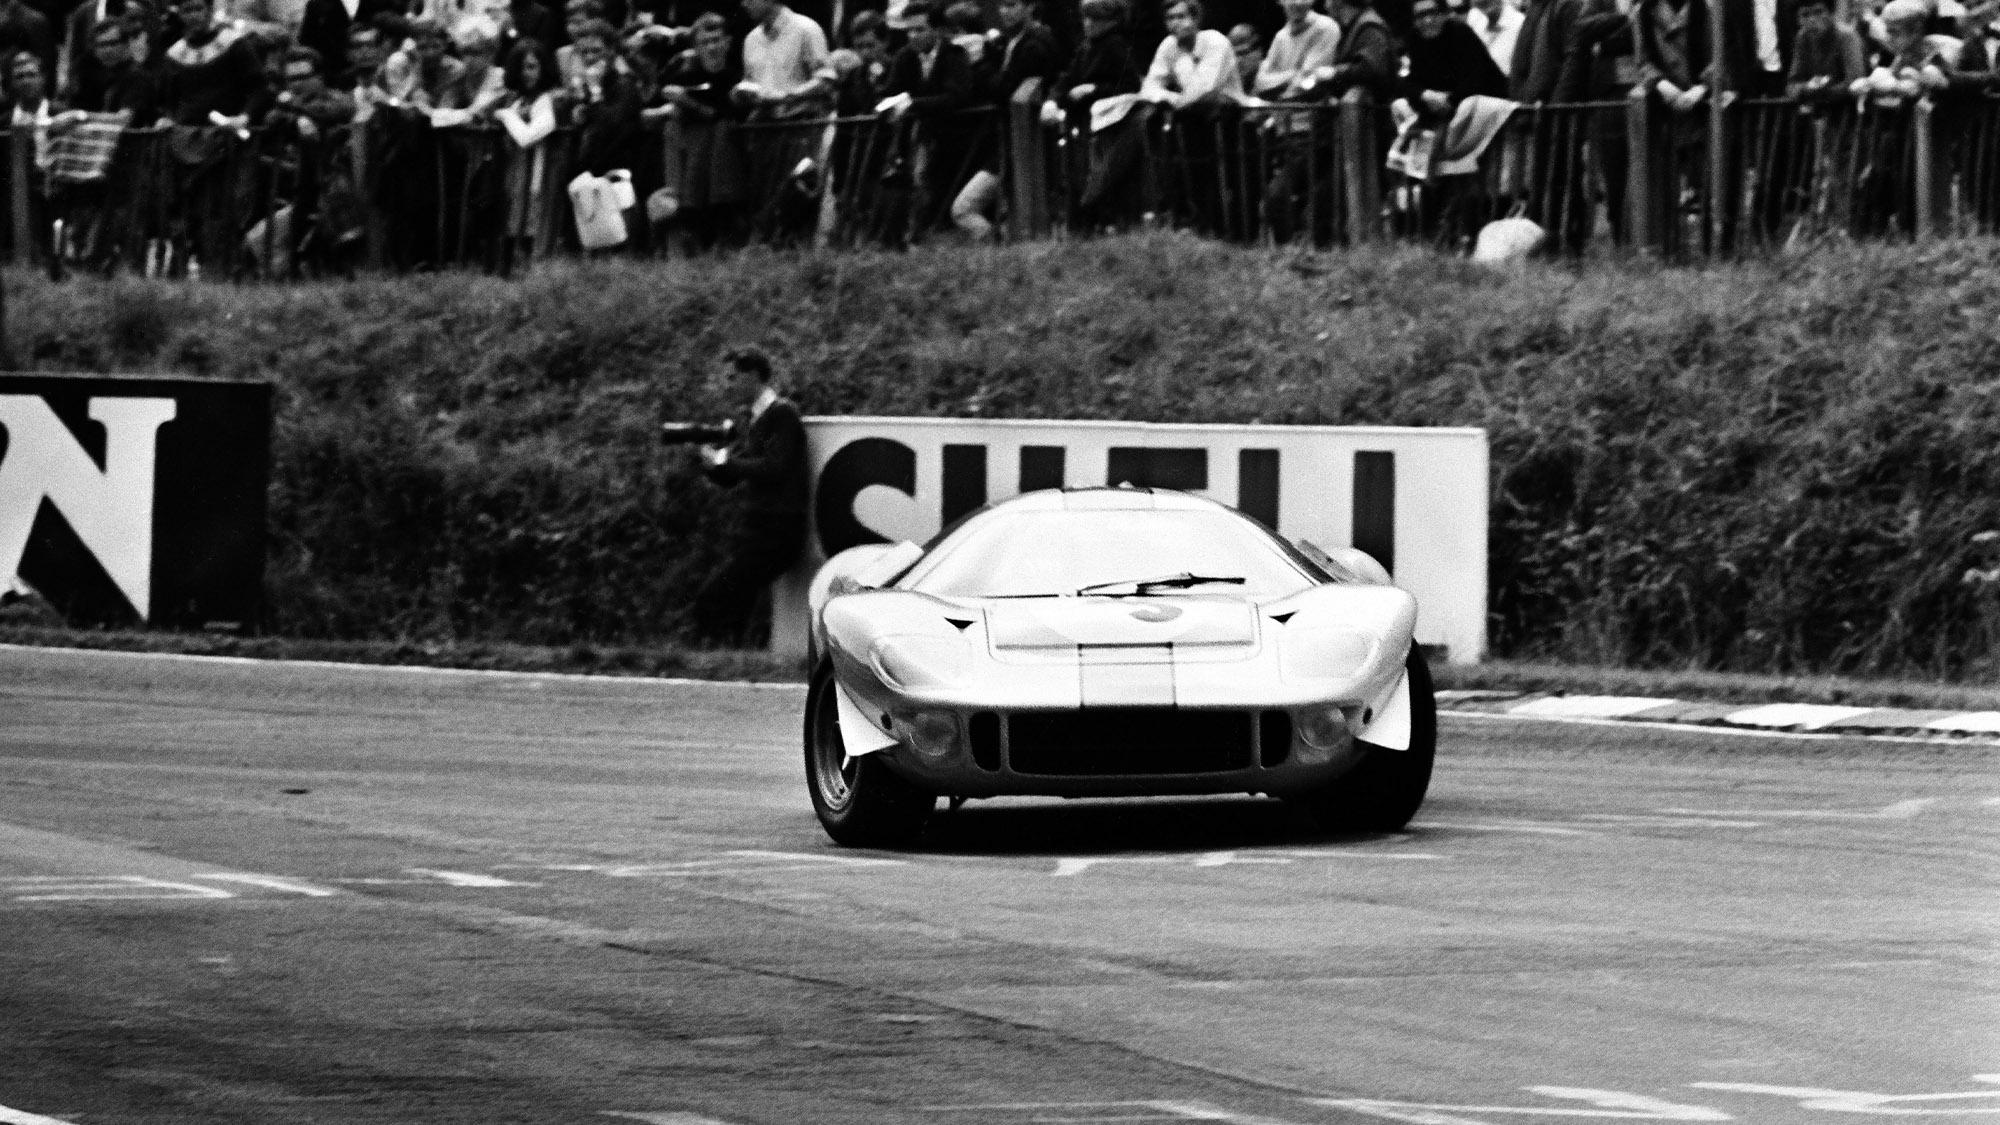 Mirage M1 at Brands Hatch in 1967